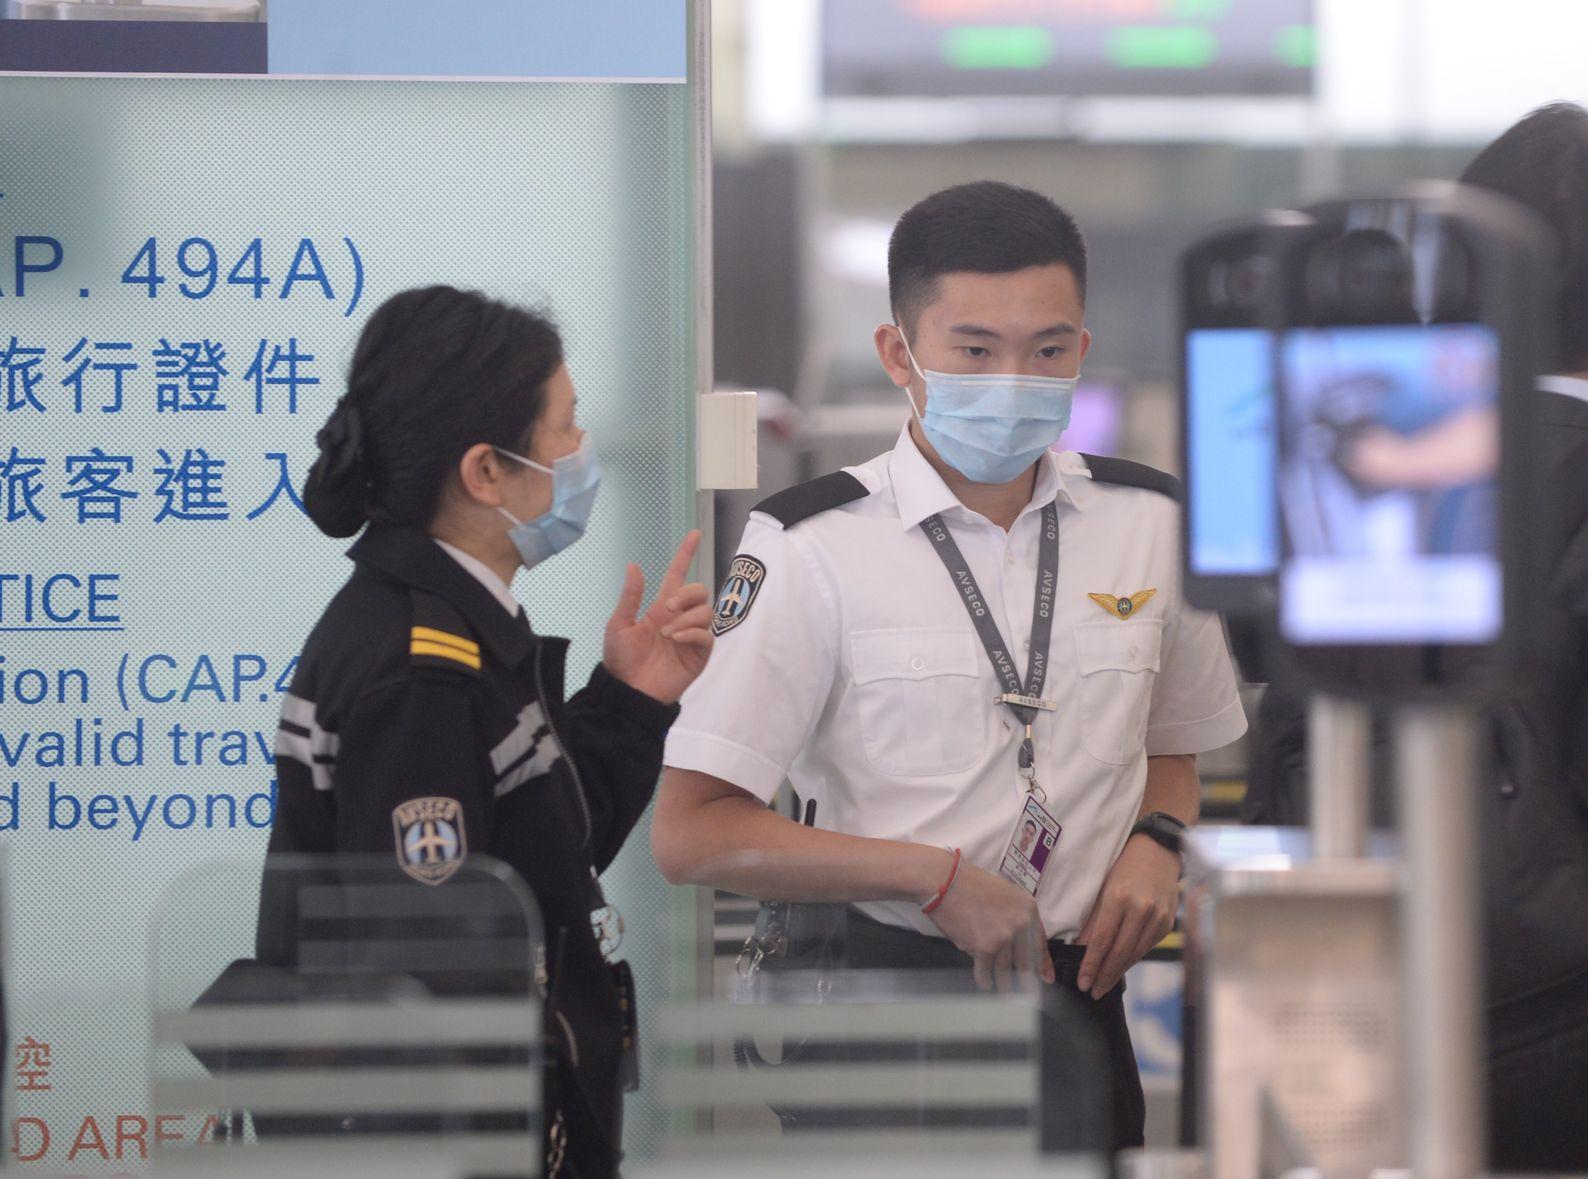 新增的3宗麻疹个案均在香港国际机场工作。资料图片